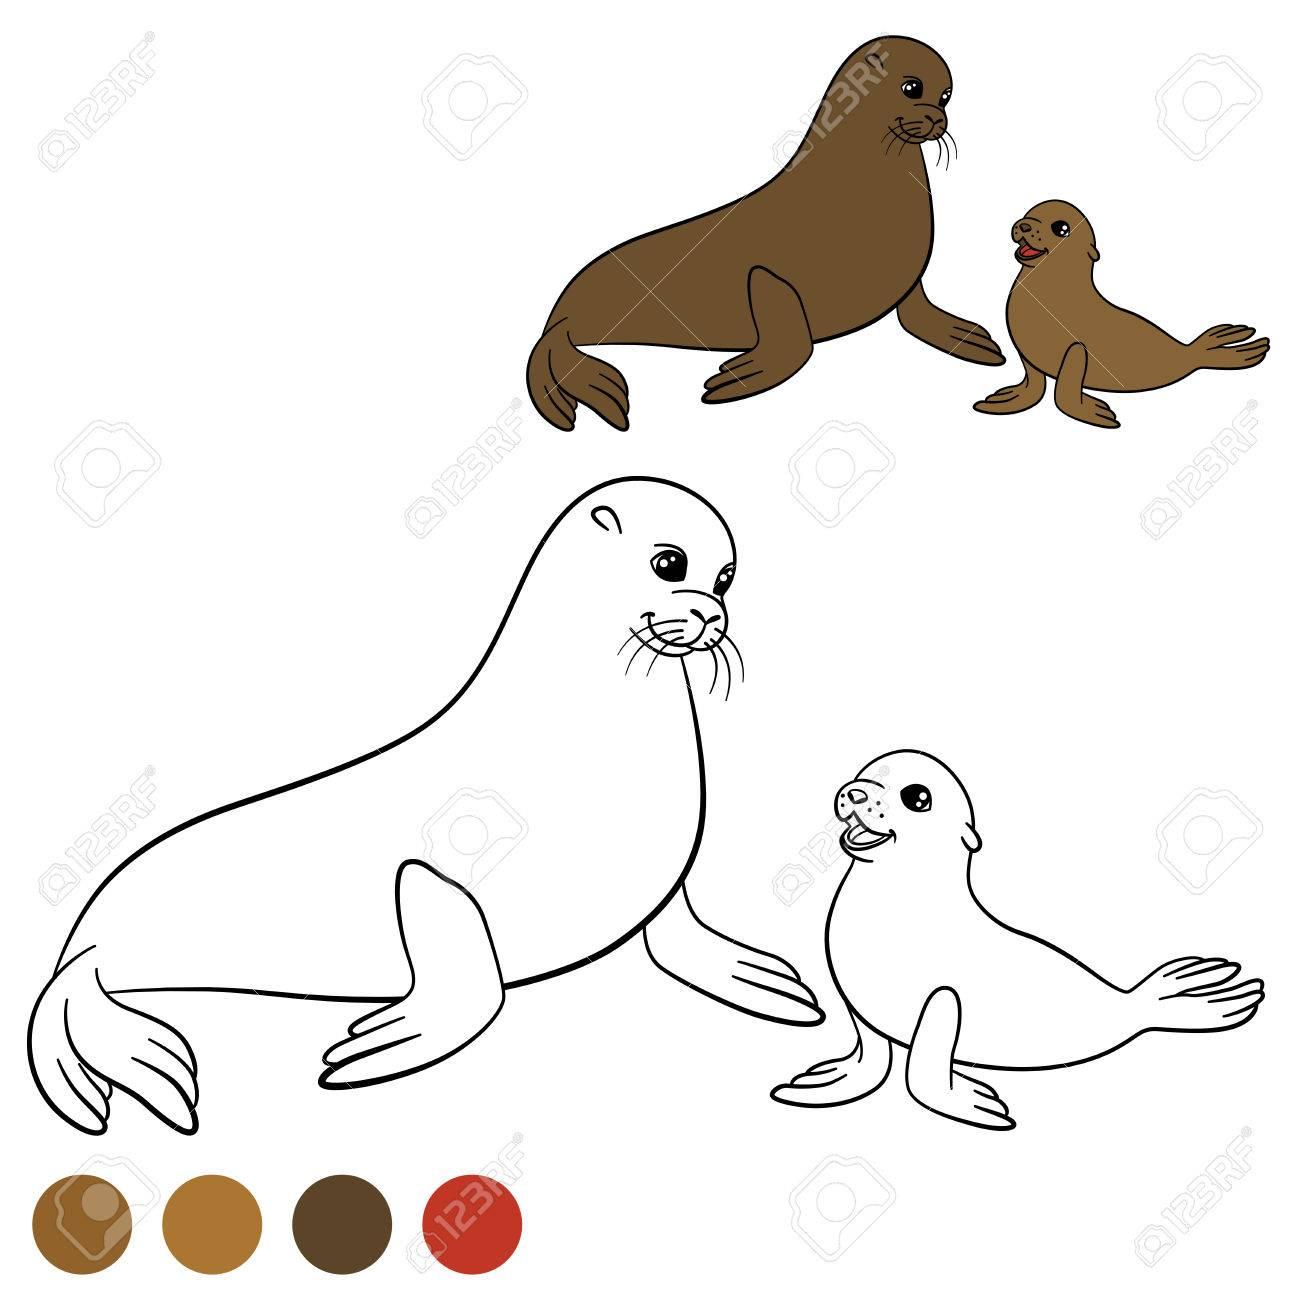 Dibujo Para Colorear Con Los Colores Lobo Marino De La Madre Con Su Pequeño Bebé Lindo